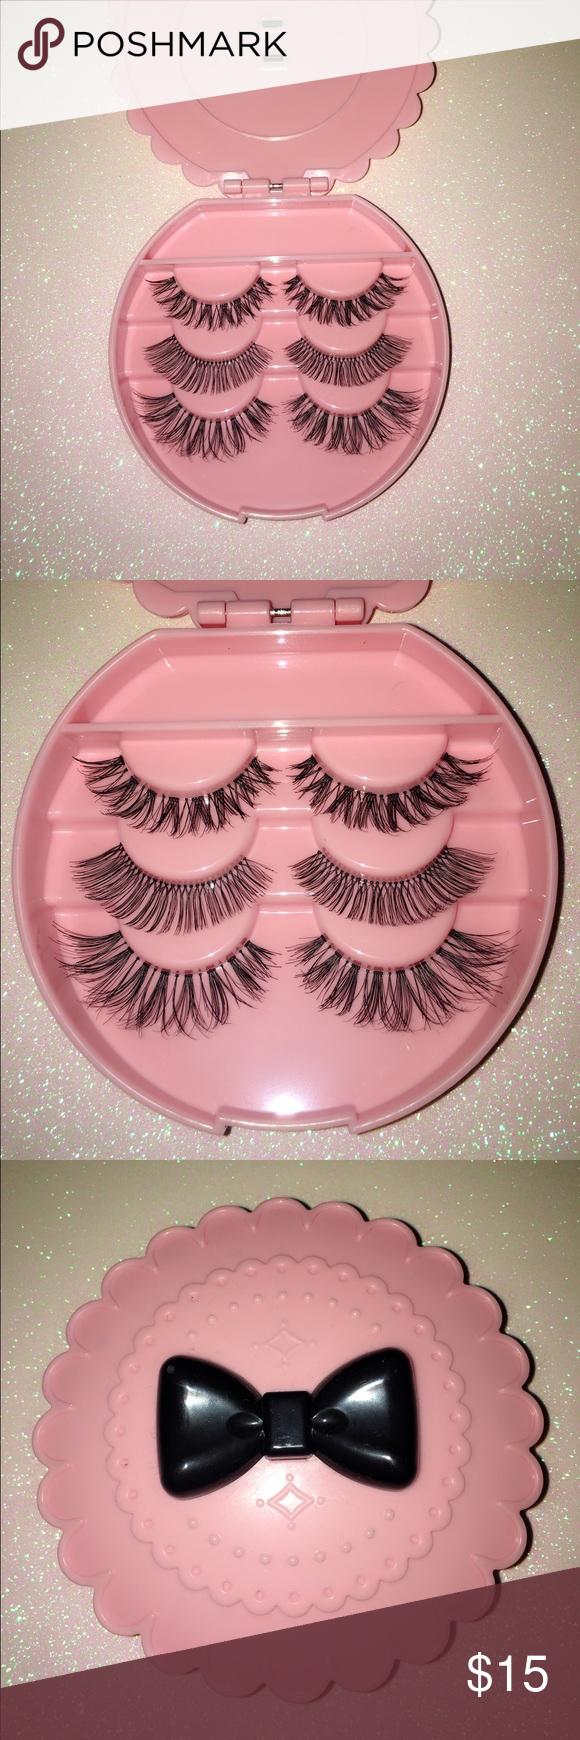 055b1fc9f3 Natural human Mink hair False Eyelashes set Comes with cute pink bow tie  eyelash